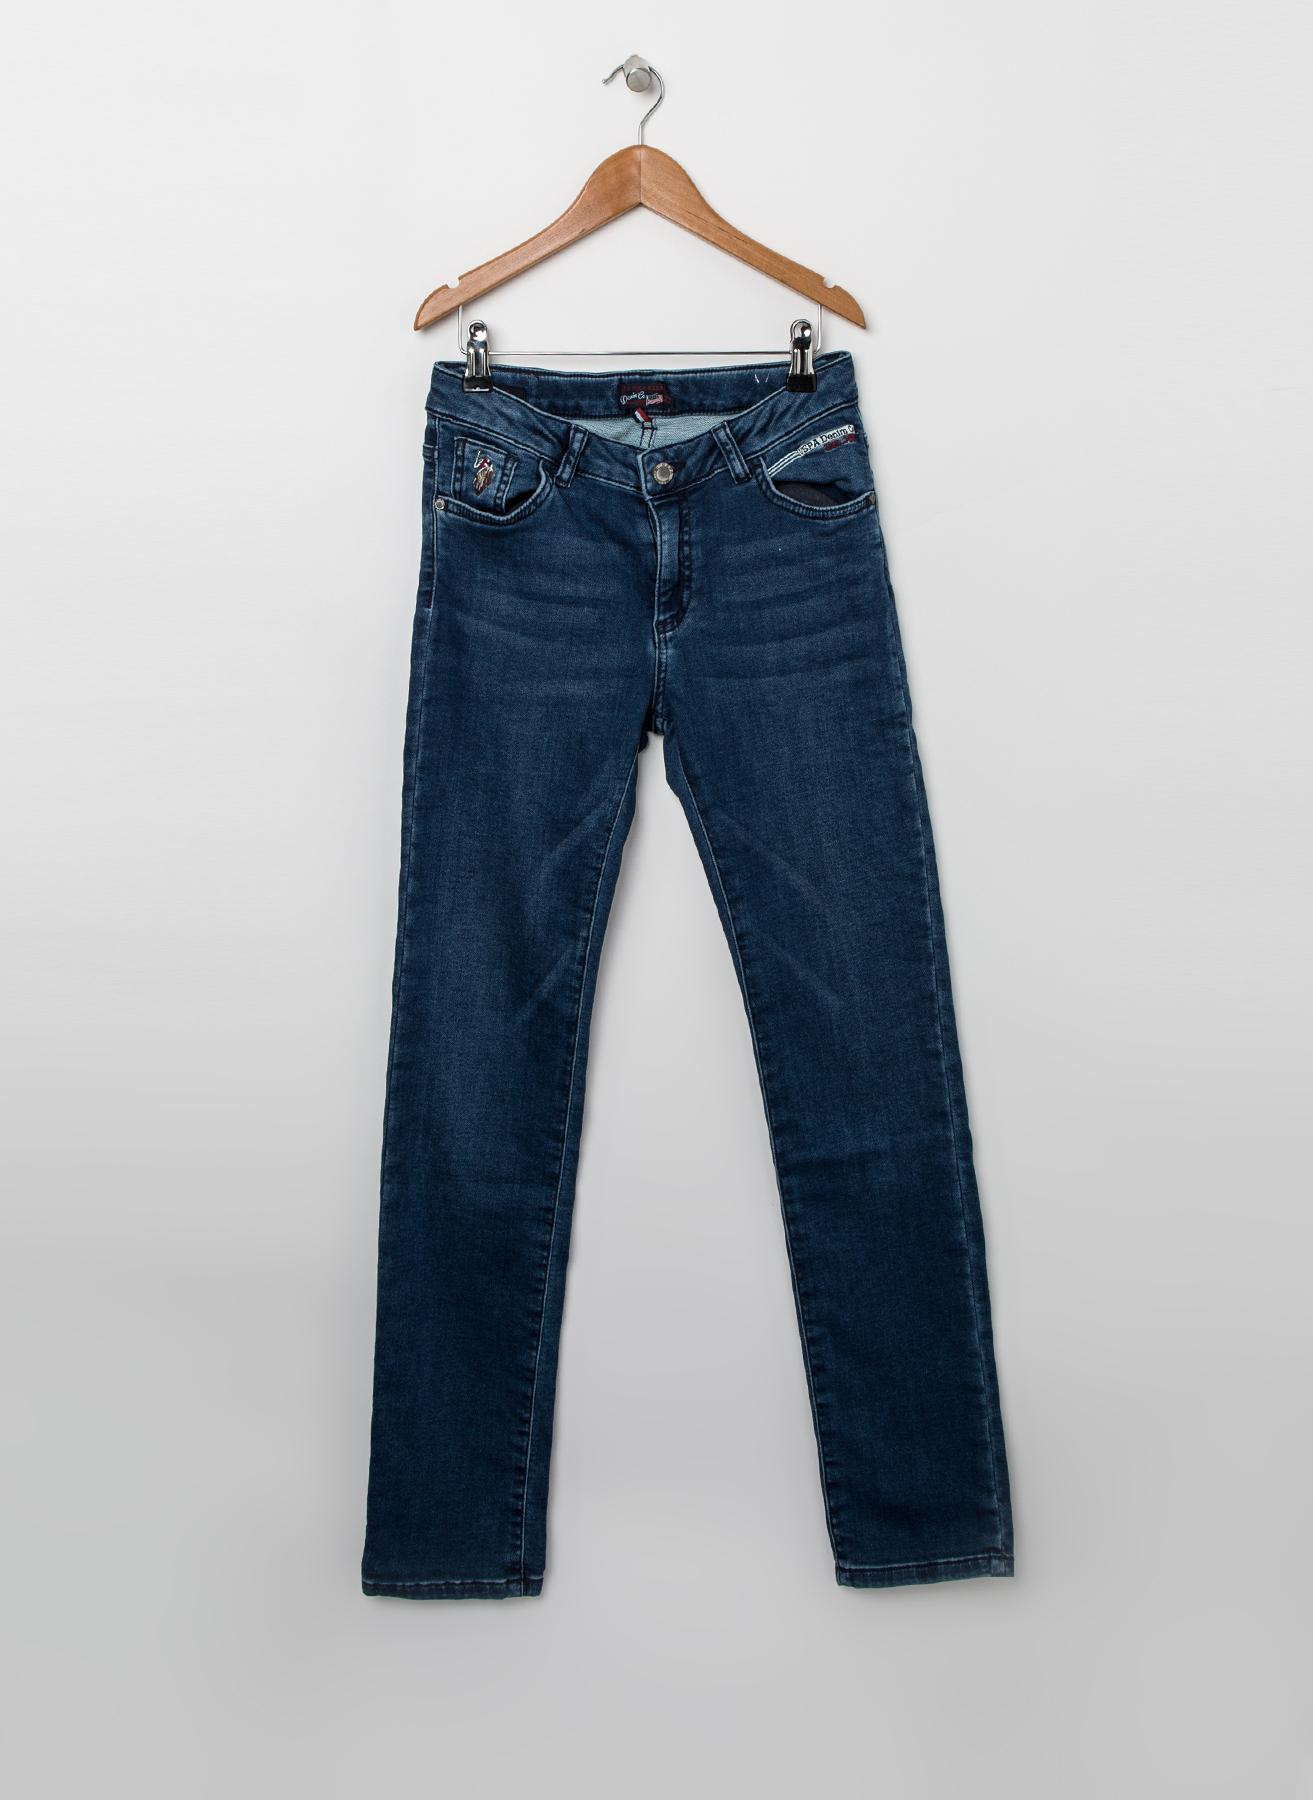 U.S. Polo Assn. İndigo Pantolon 13 Yaş 5001704528004 Ürün Resmi